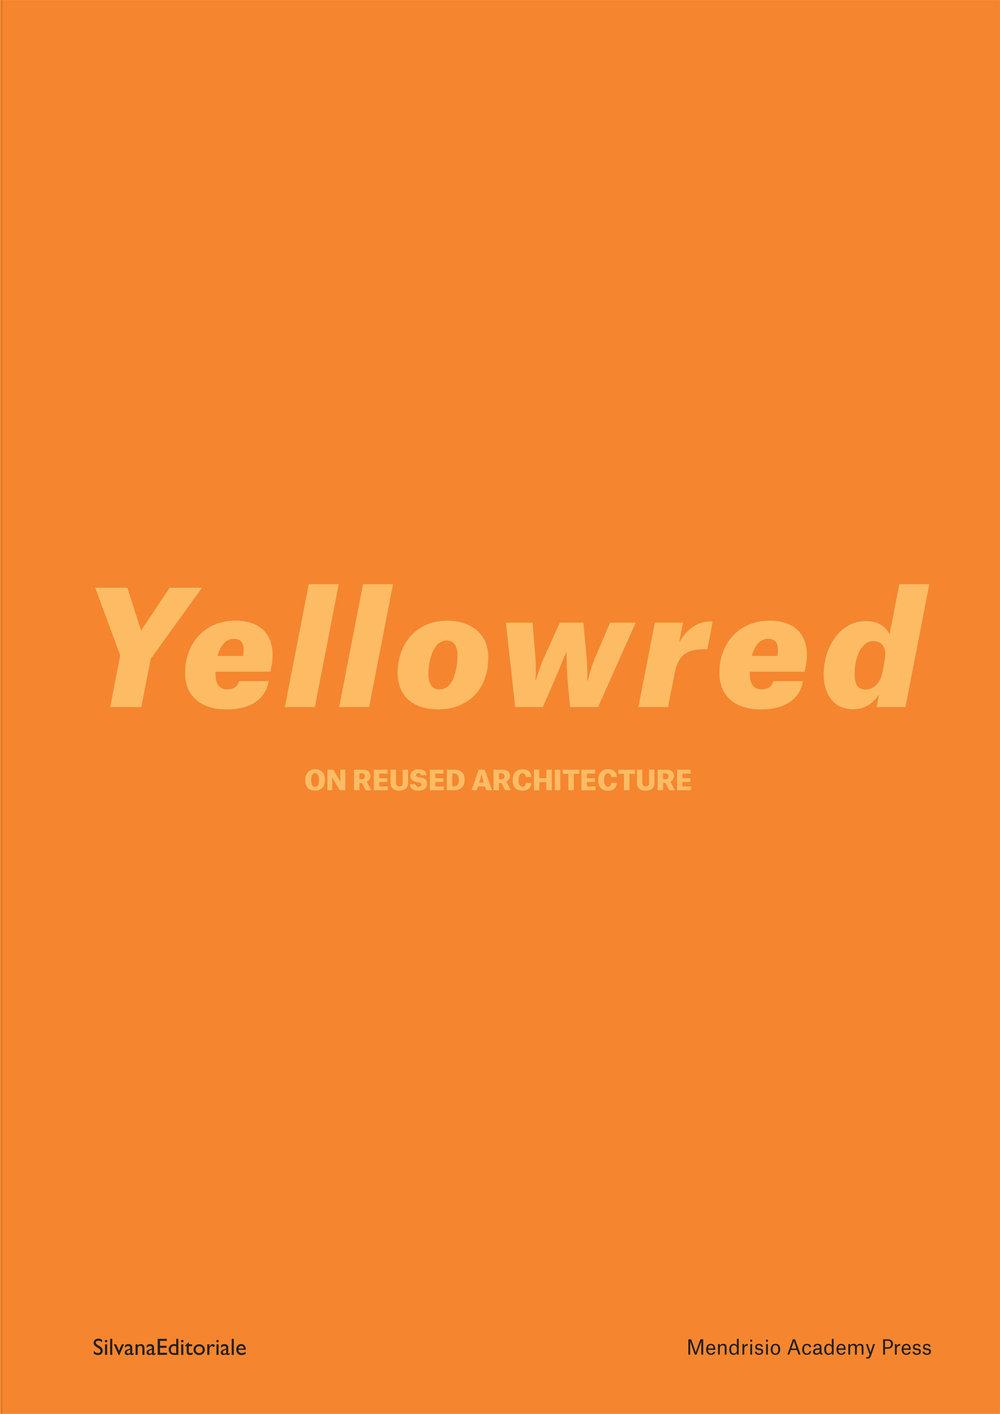 YELLOWRED: On Reused Architecture Curators: Martin Boesch, Laura Lupini, João F. Machado, Federico Pompignoli  Mendrisio Academy Press / Silvana Editoriale  2017